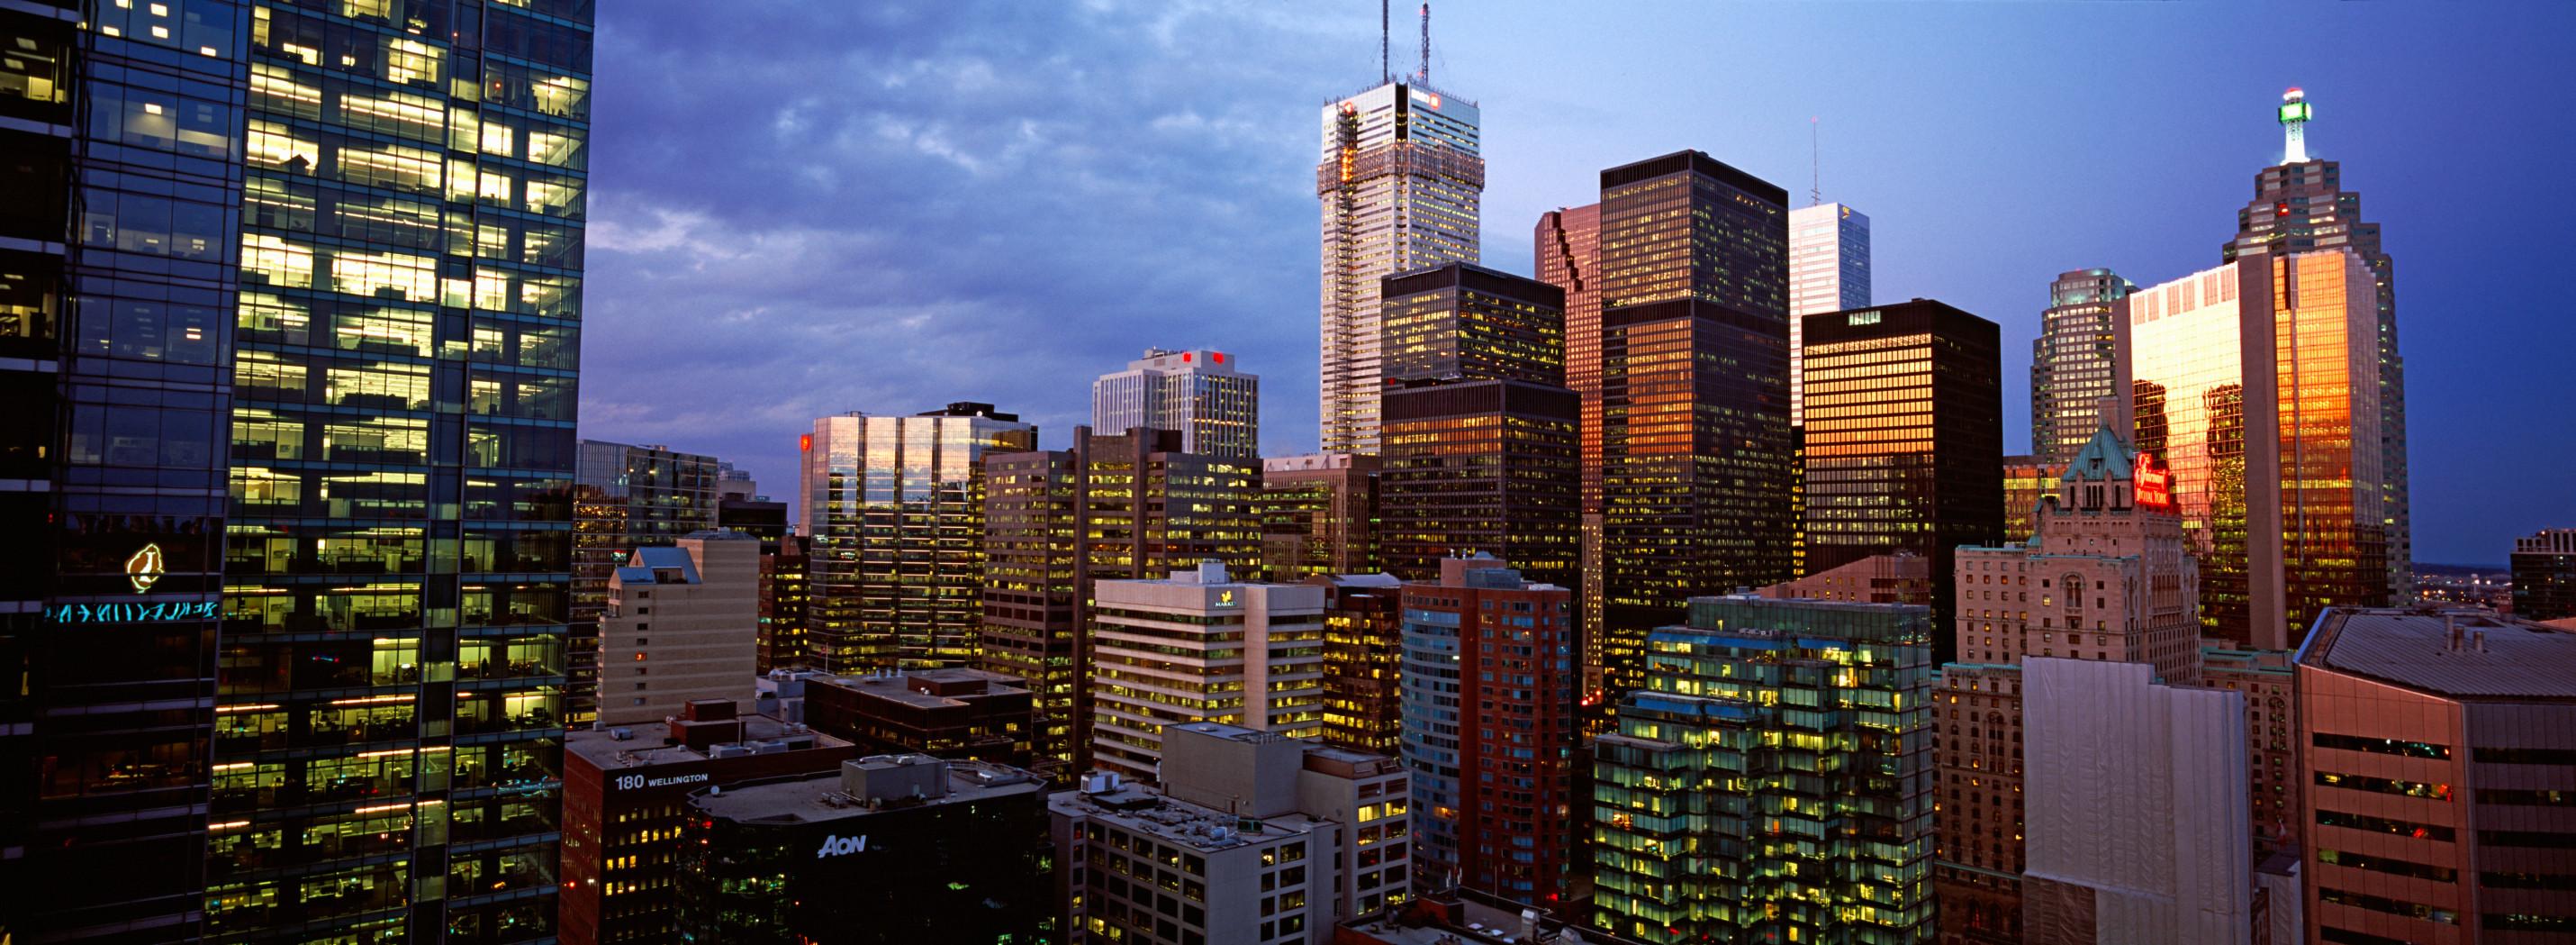 Skyscrapers in a city, Toronto, Ontario, Canada 2011  As 10 melhores cidades para se encontrar emprego no Canadá original 4